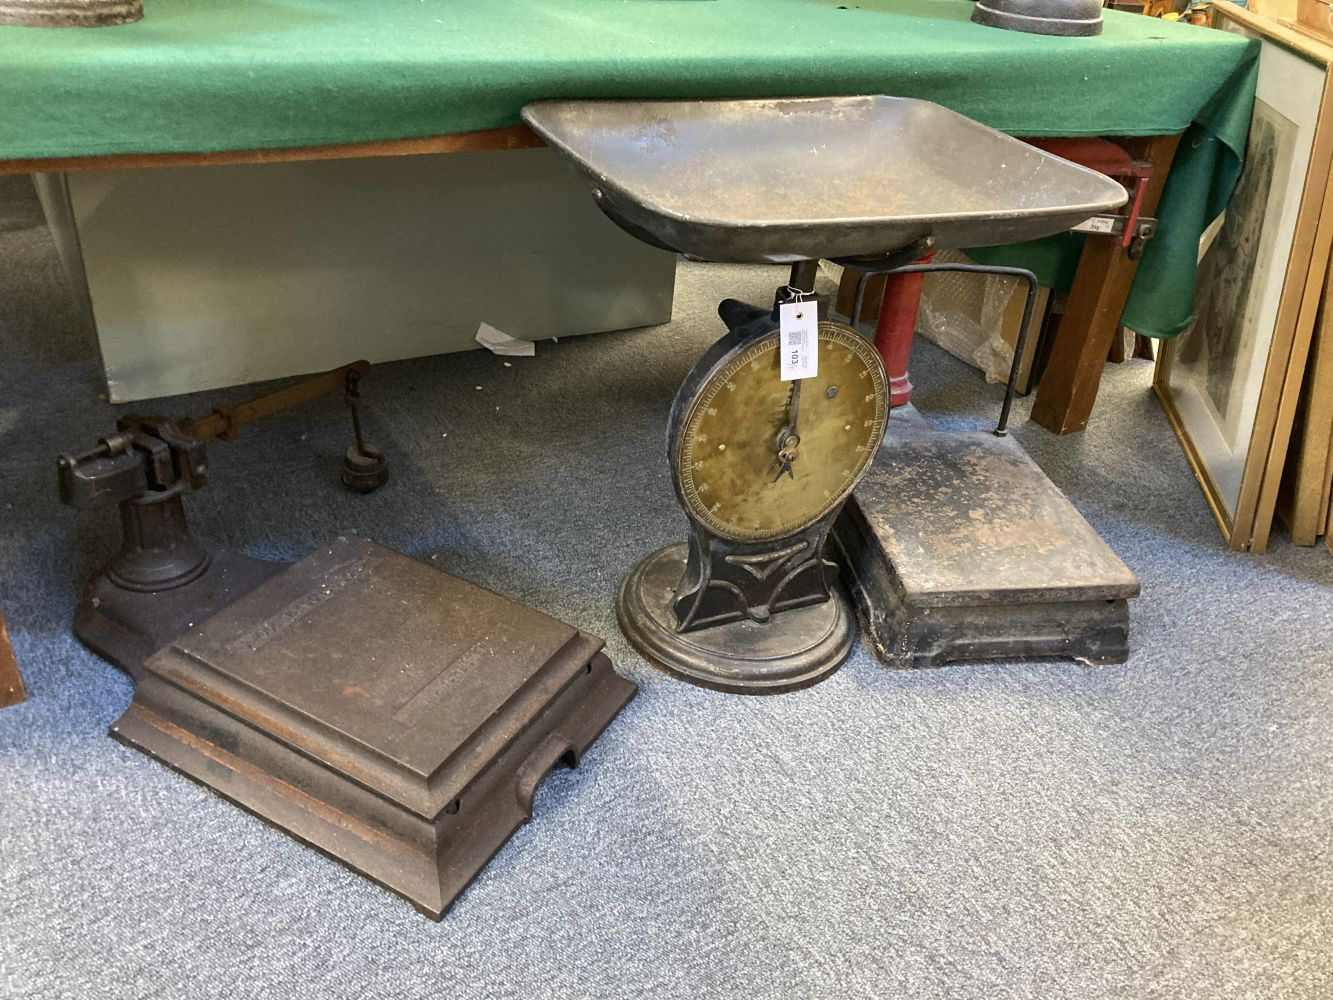 * Scales. J Woolley & Sons platform scales